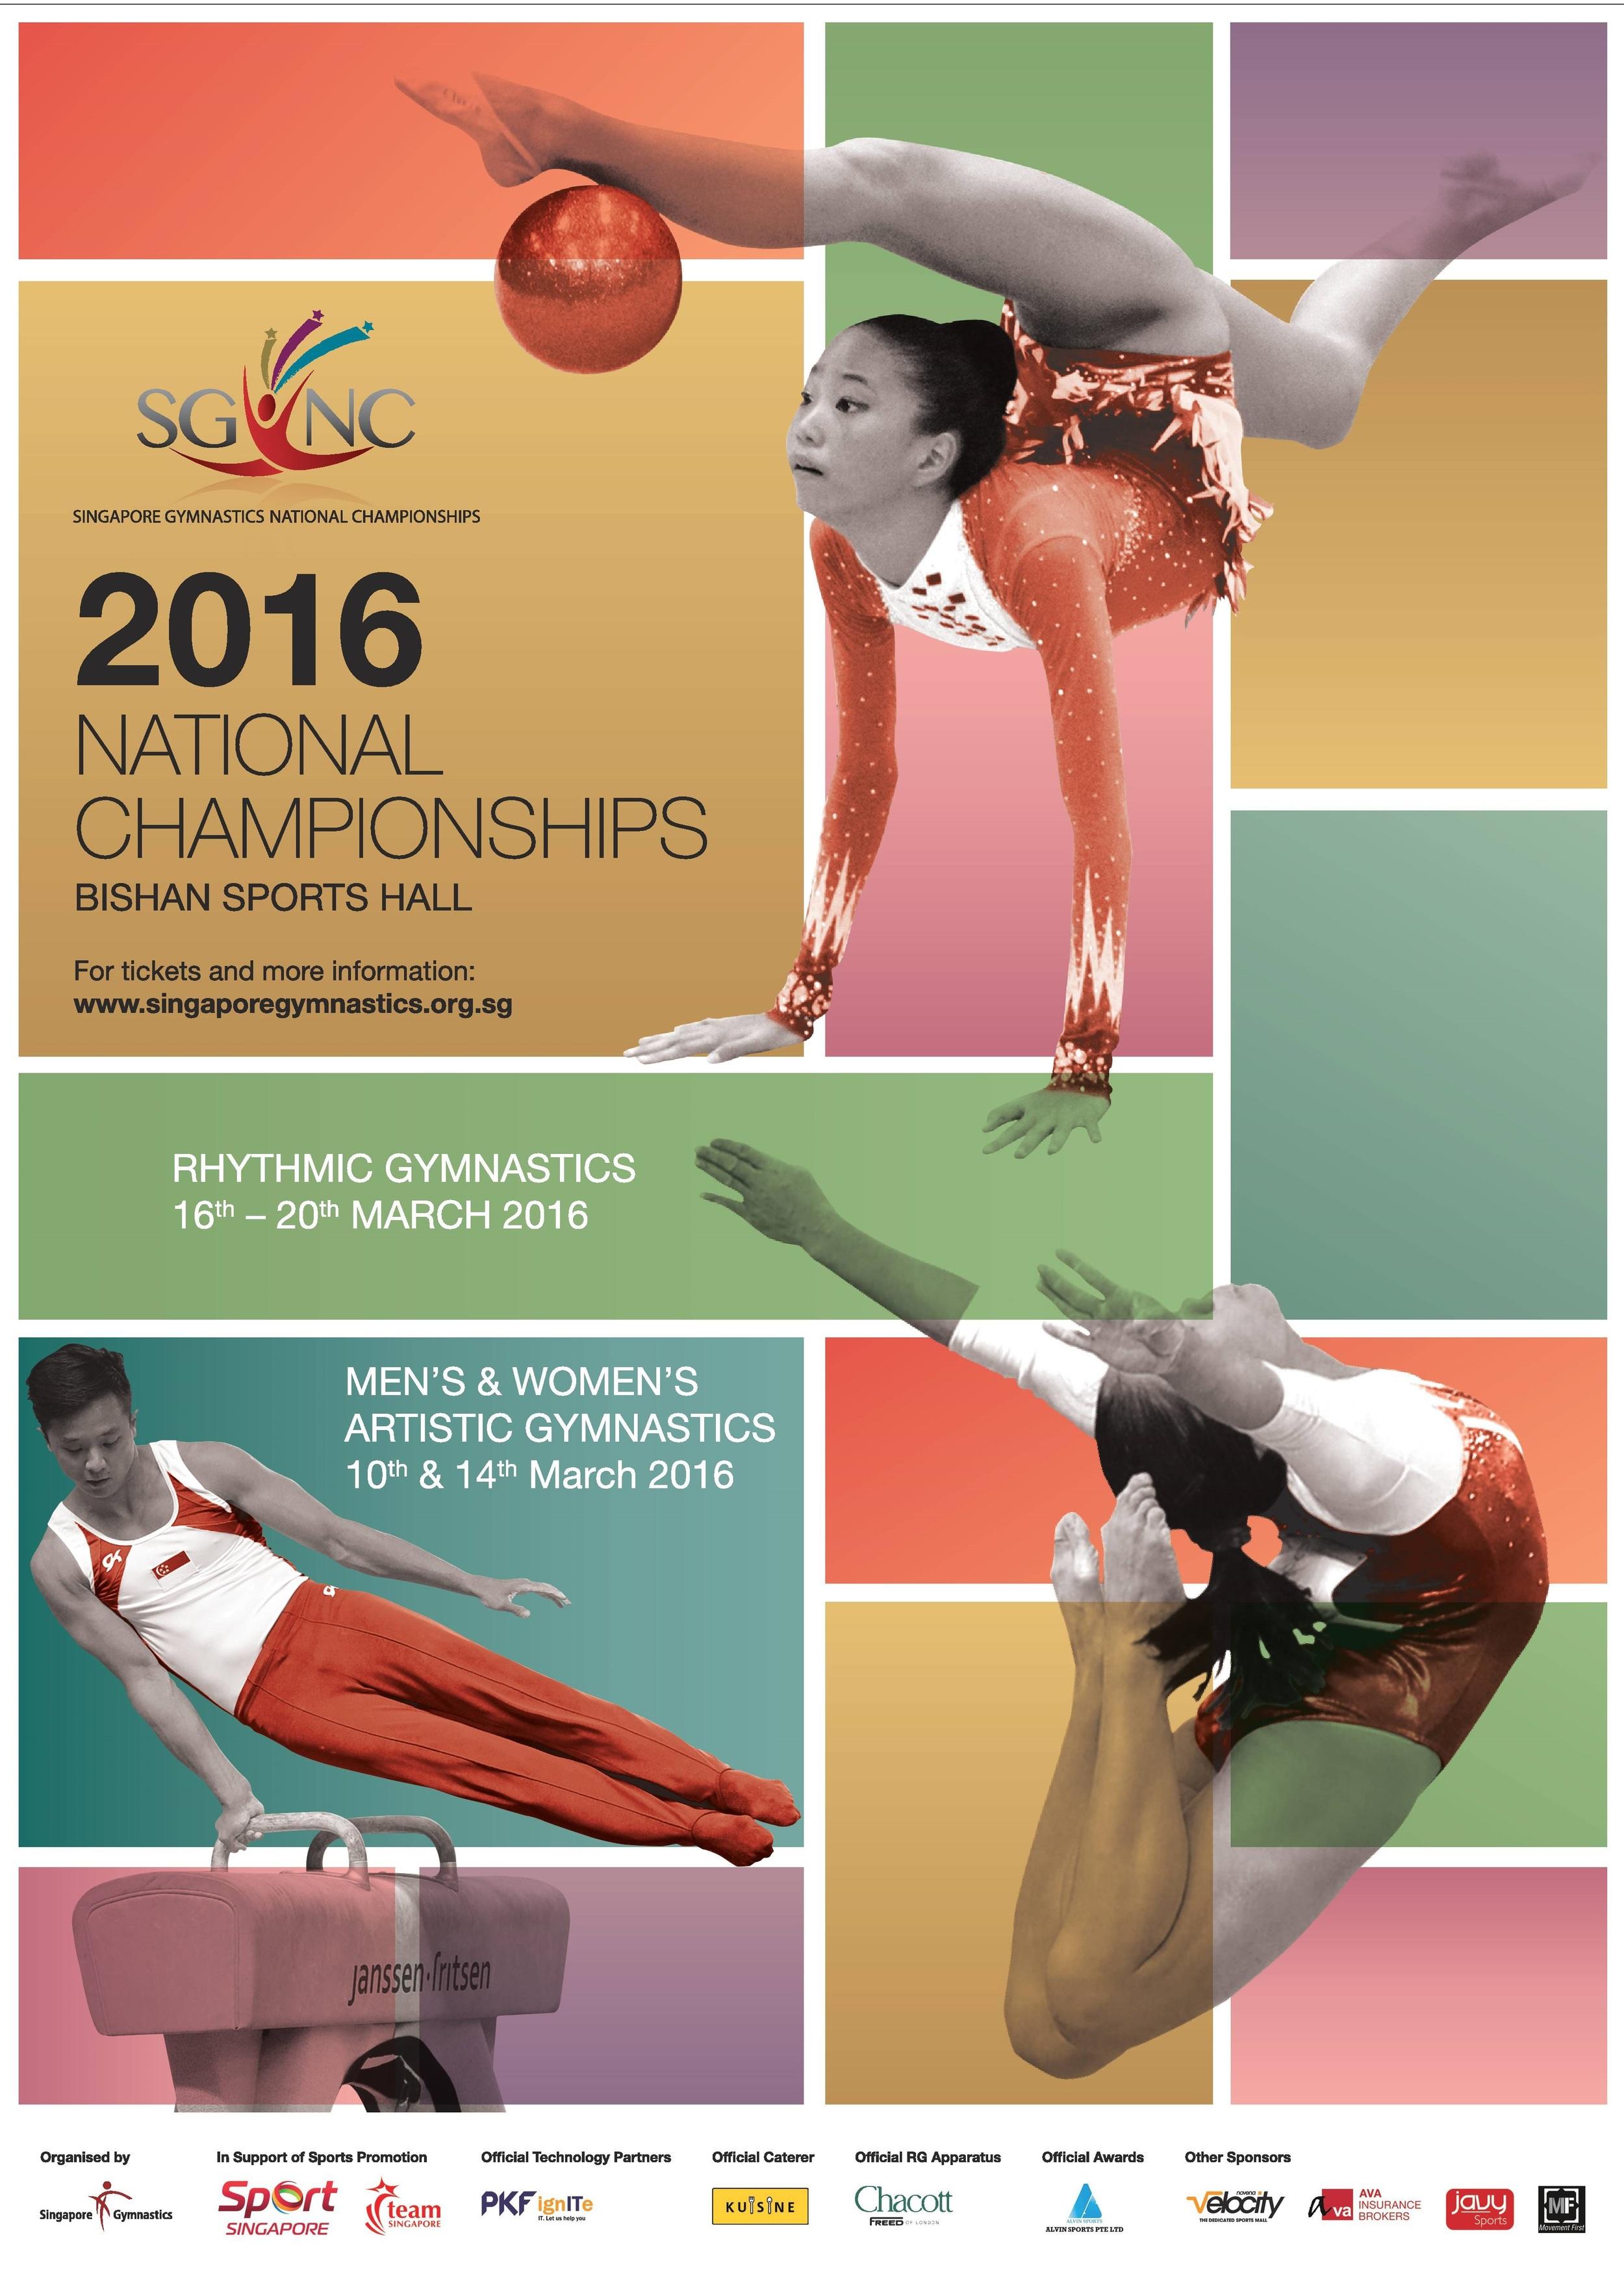 Singapore Gymnastics